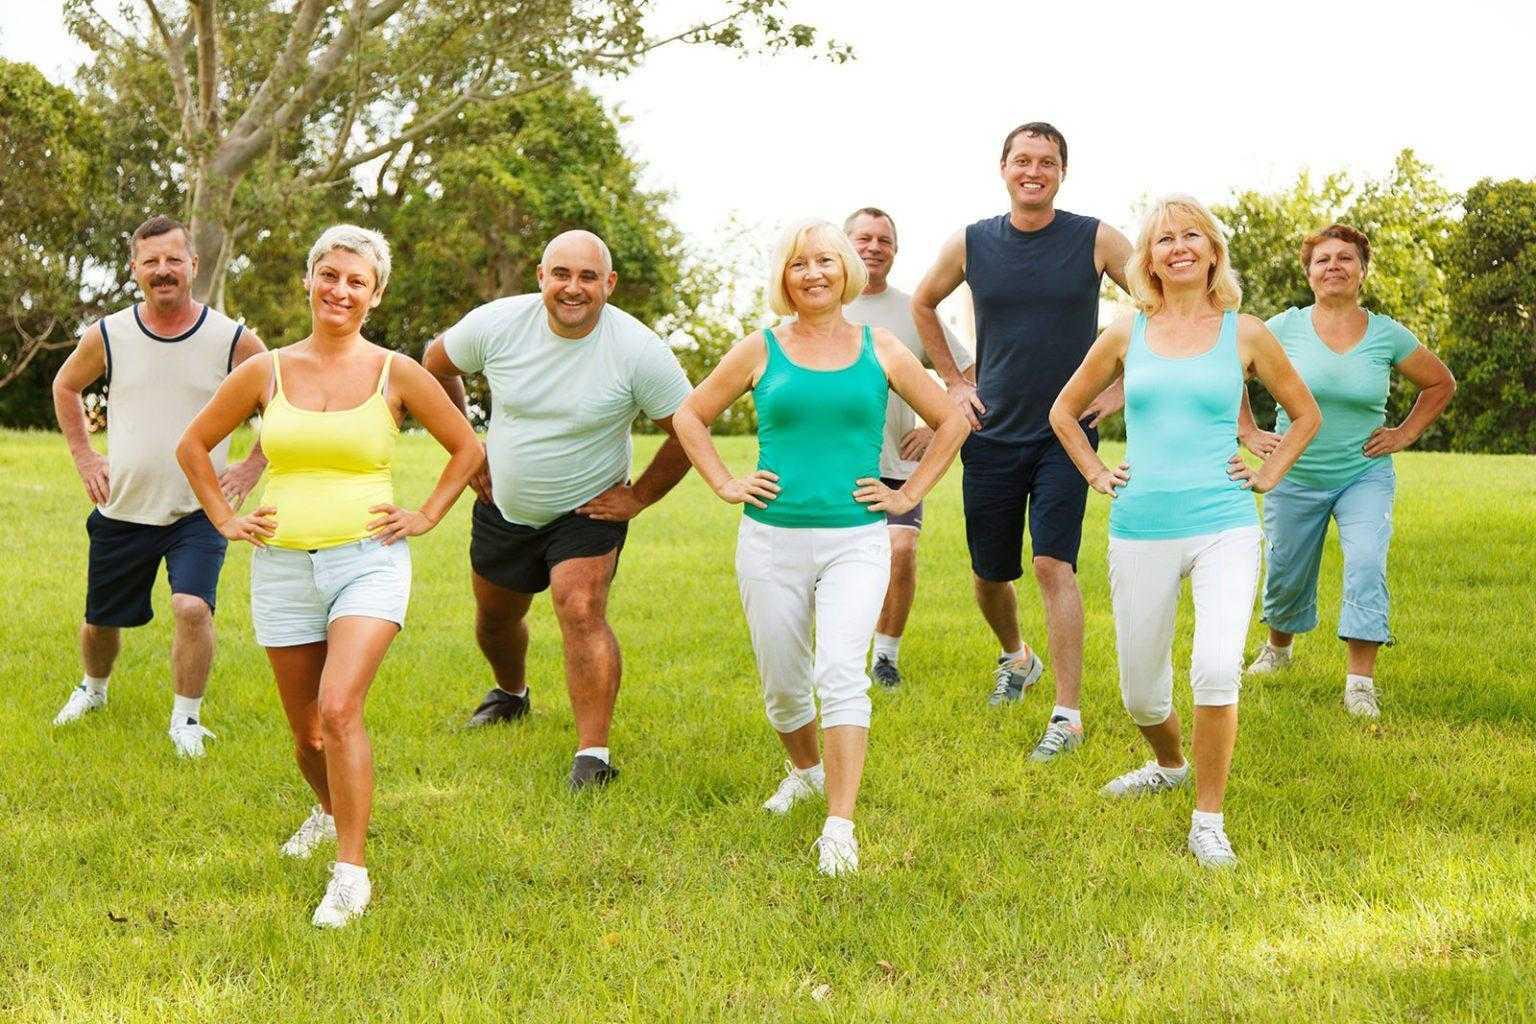 Поддержание формы тела: 10 простых упражнений